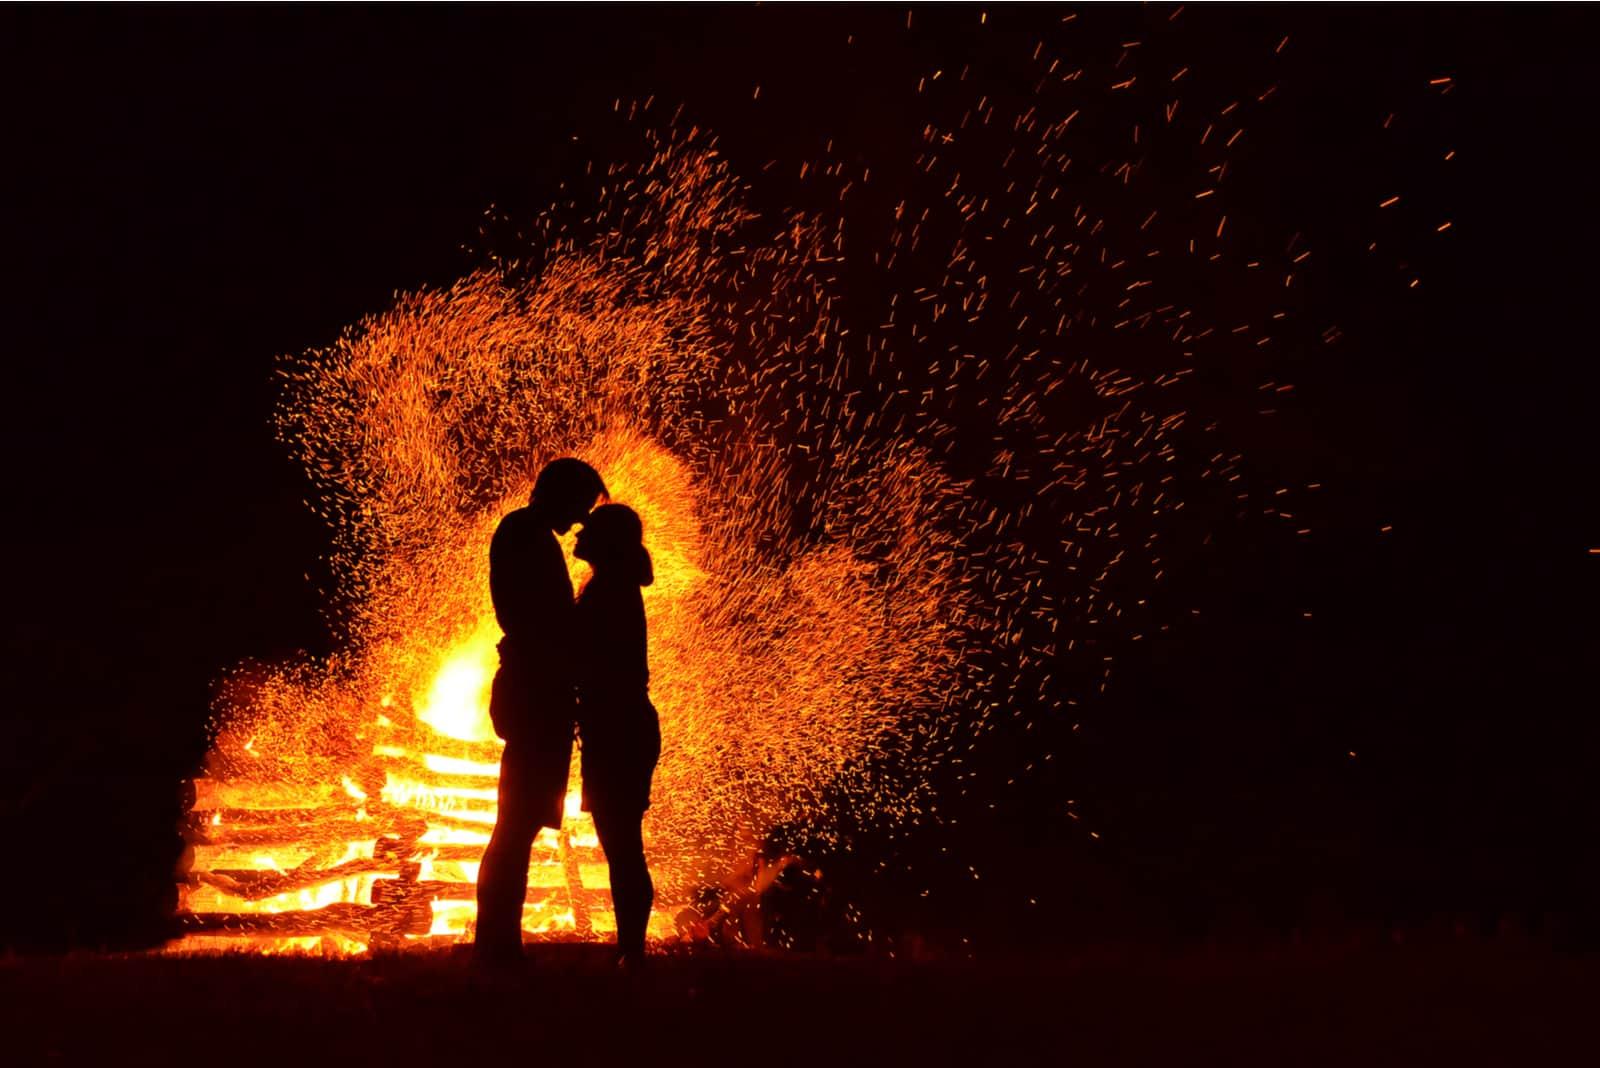 Silhouette des liebenden Paares im Feuerhintergrund